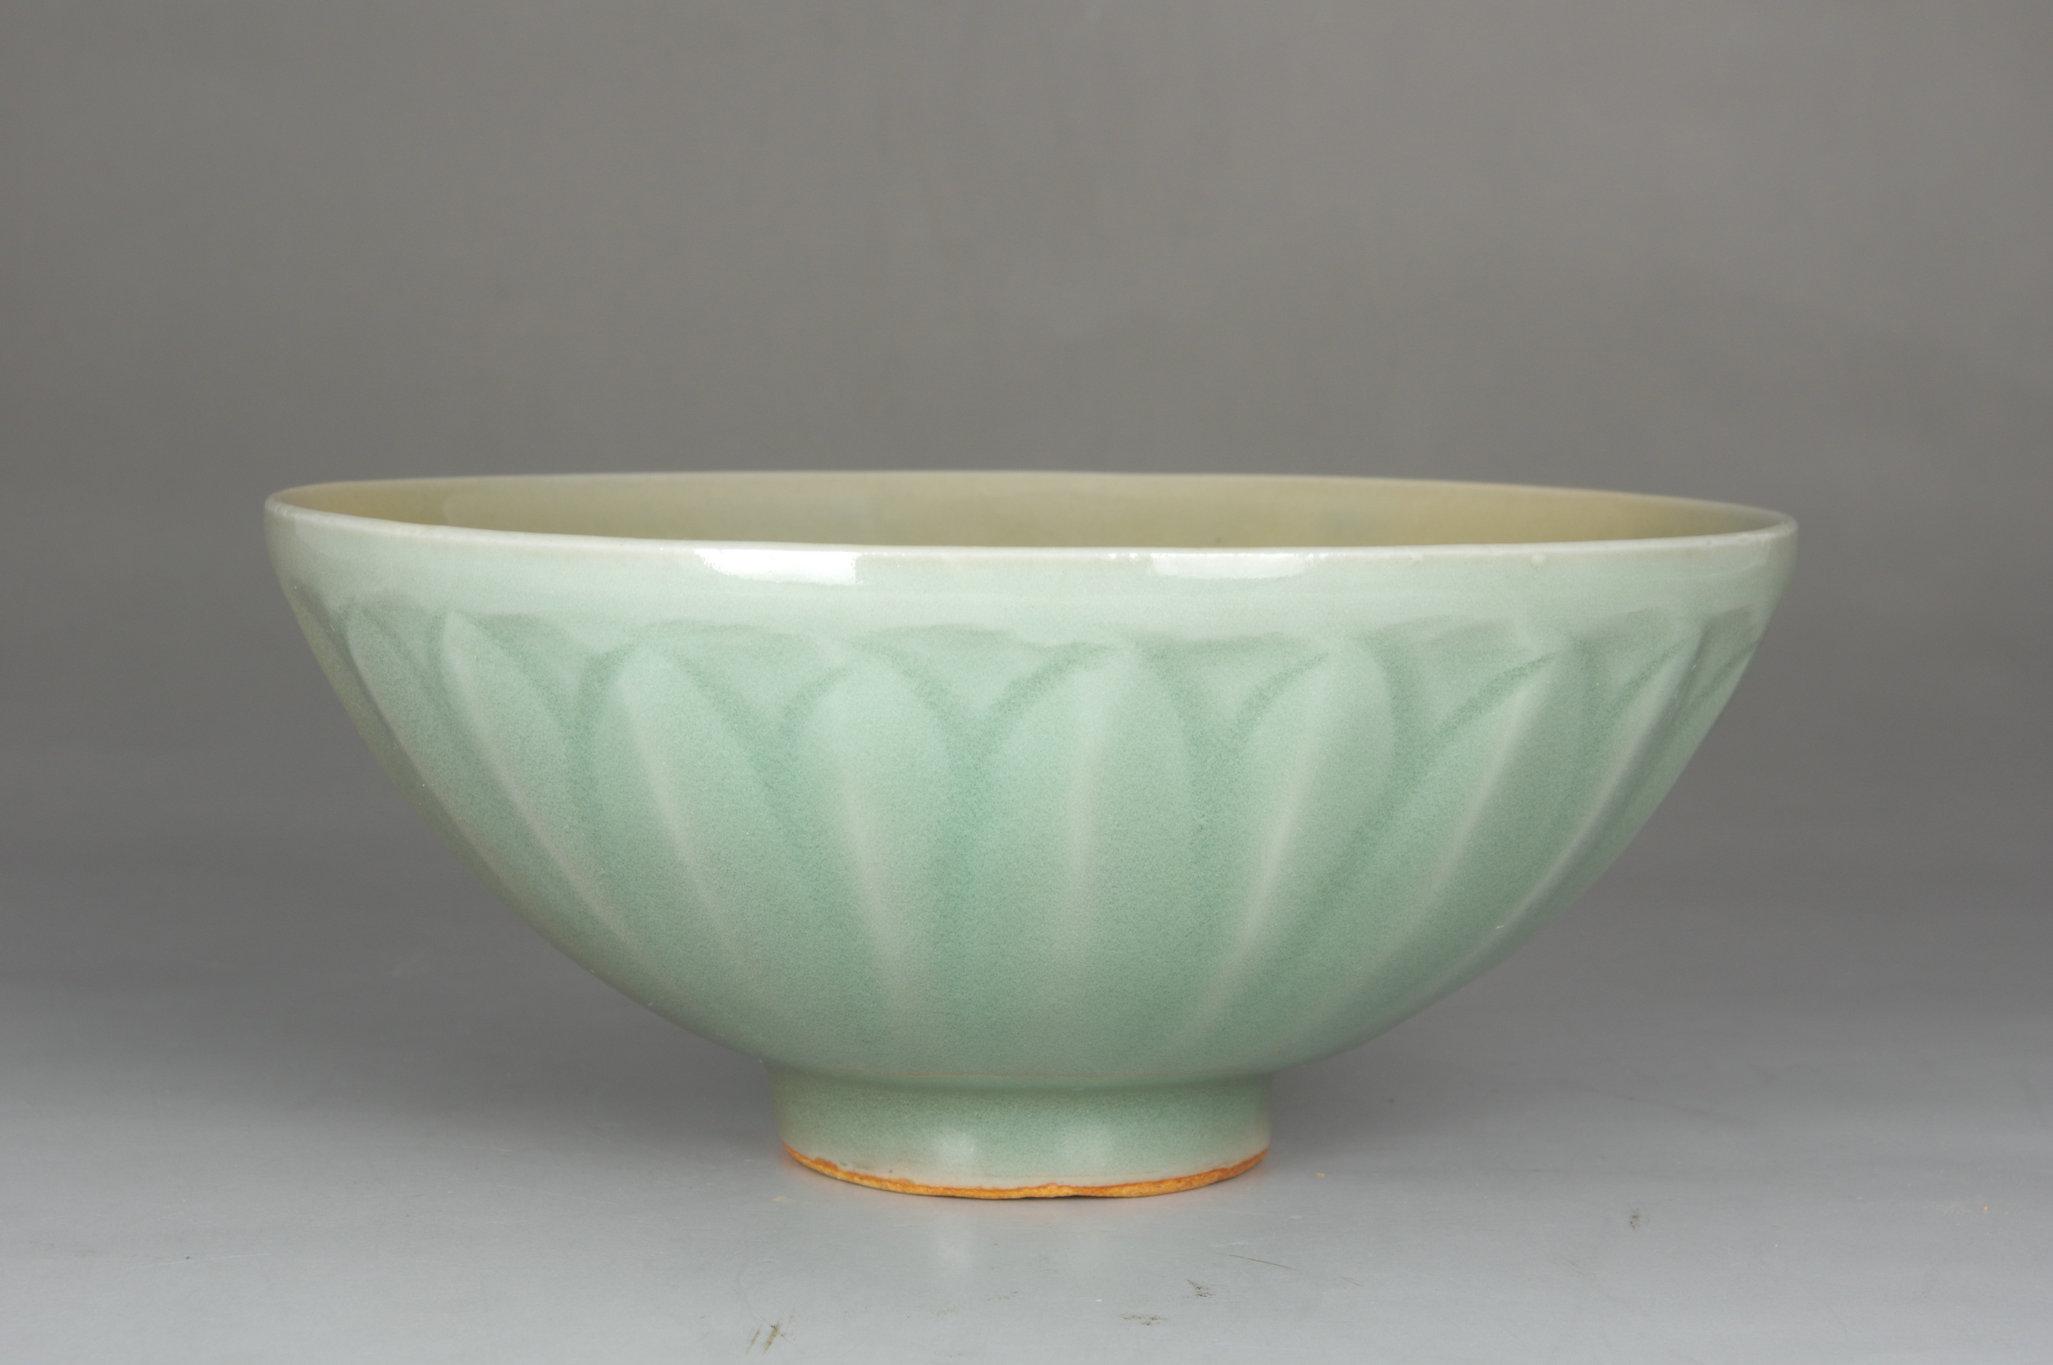 龙泉莲瓣纹碗